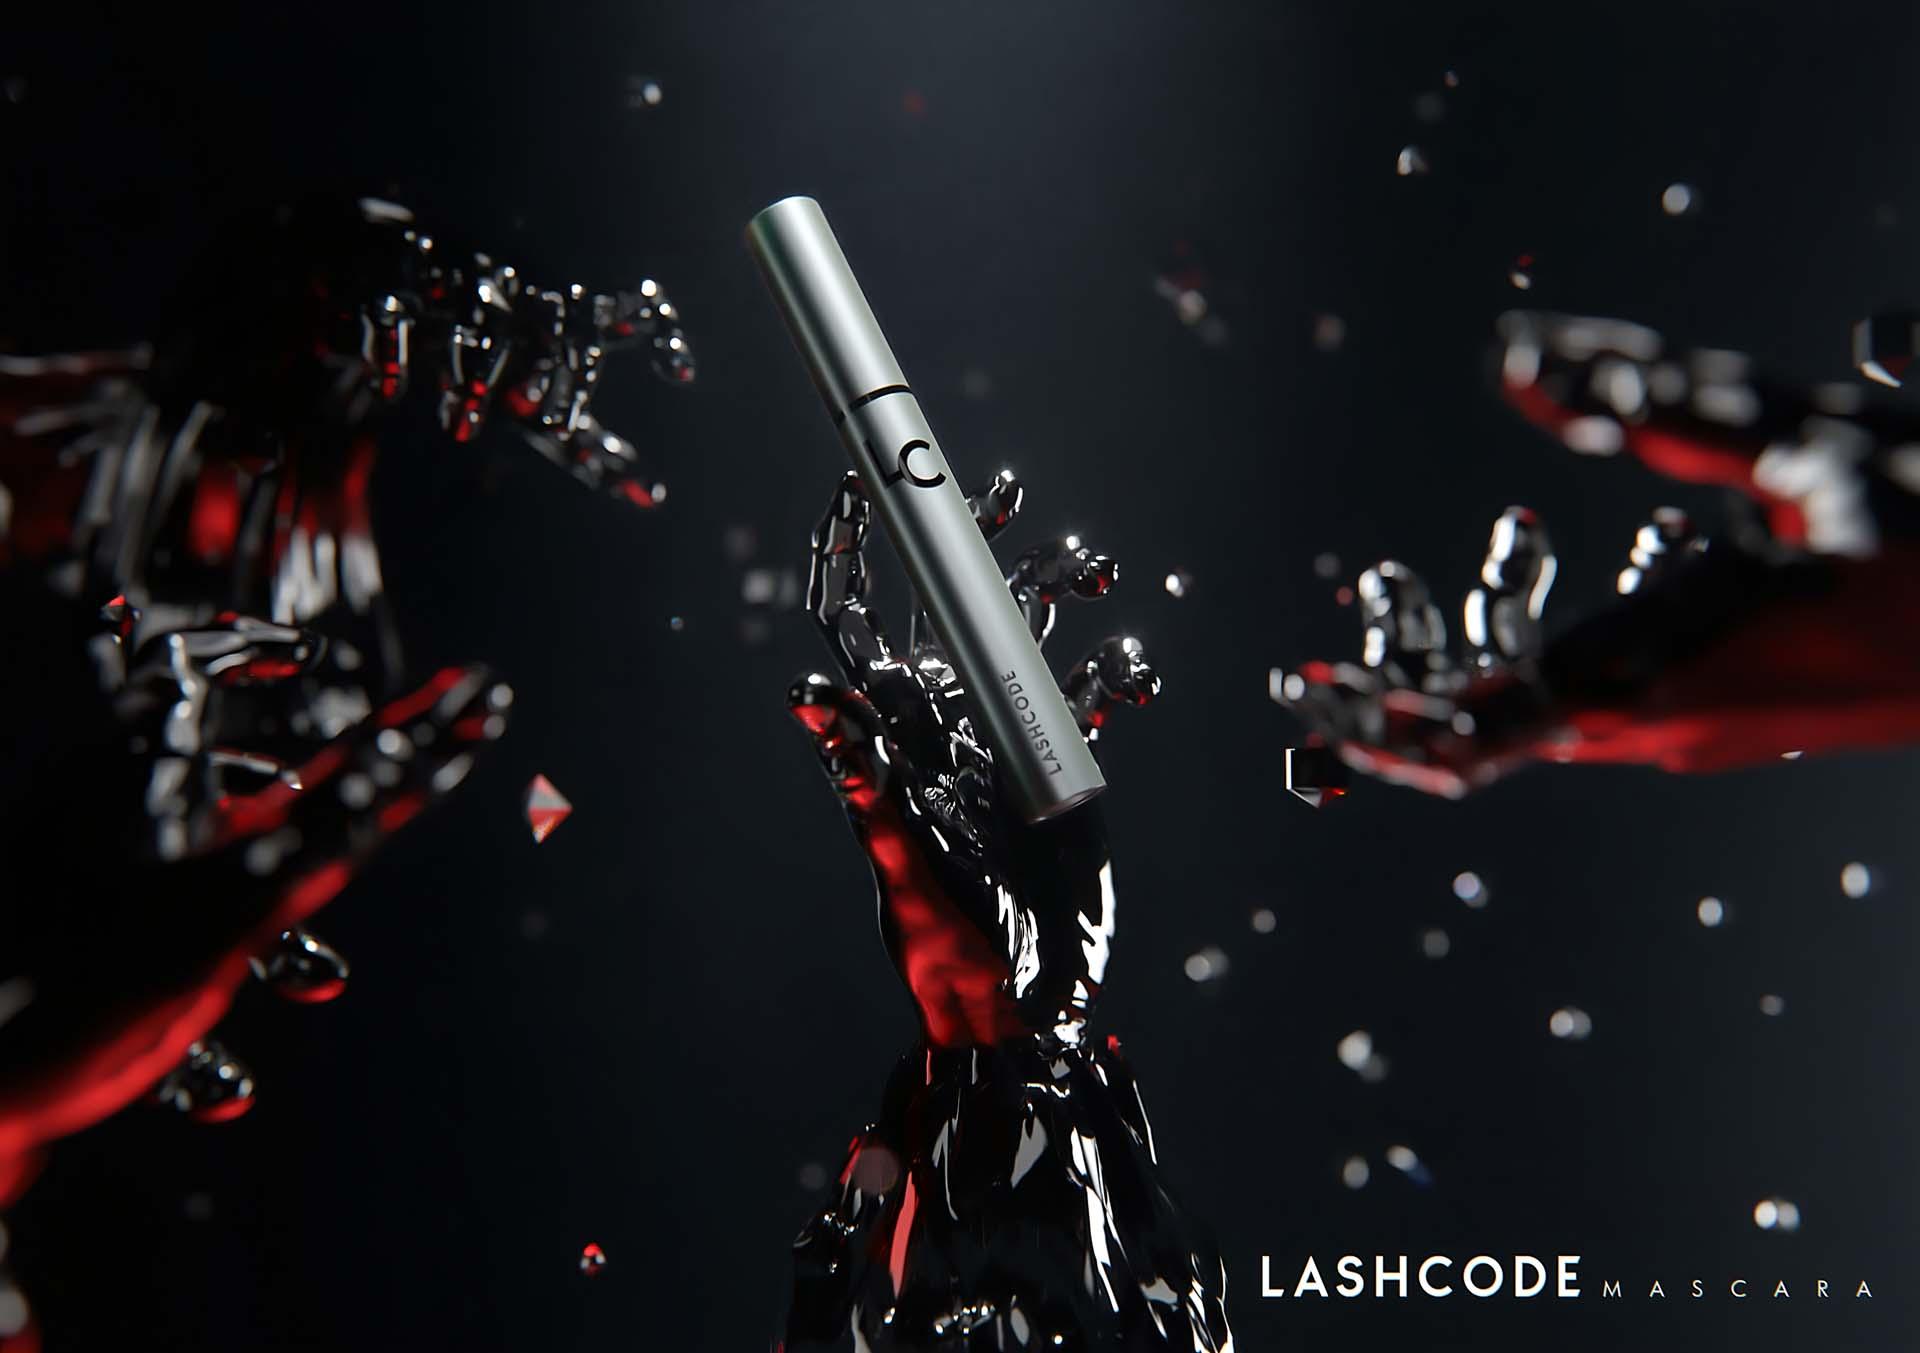 Lashcode mascara – lav øjenvipper der vil stjæle opmærksomheden